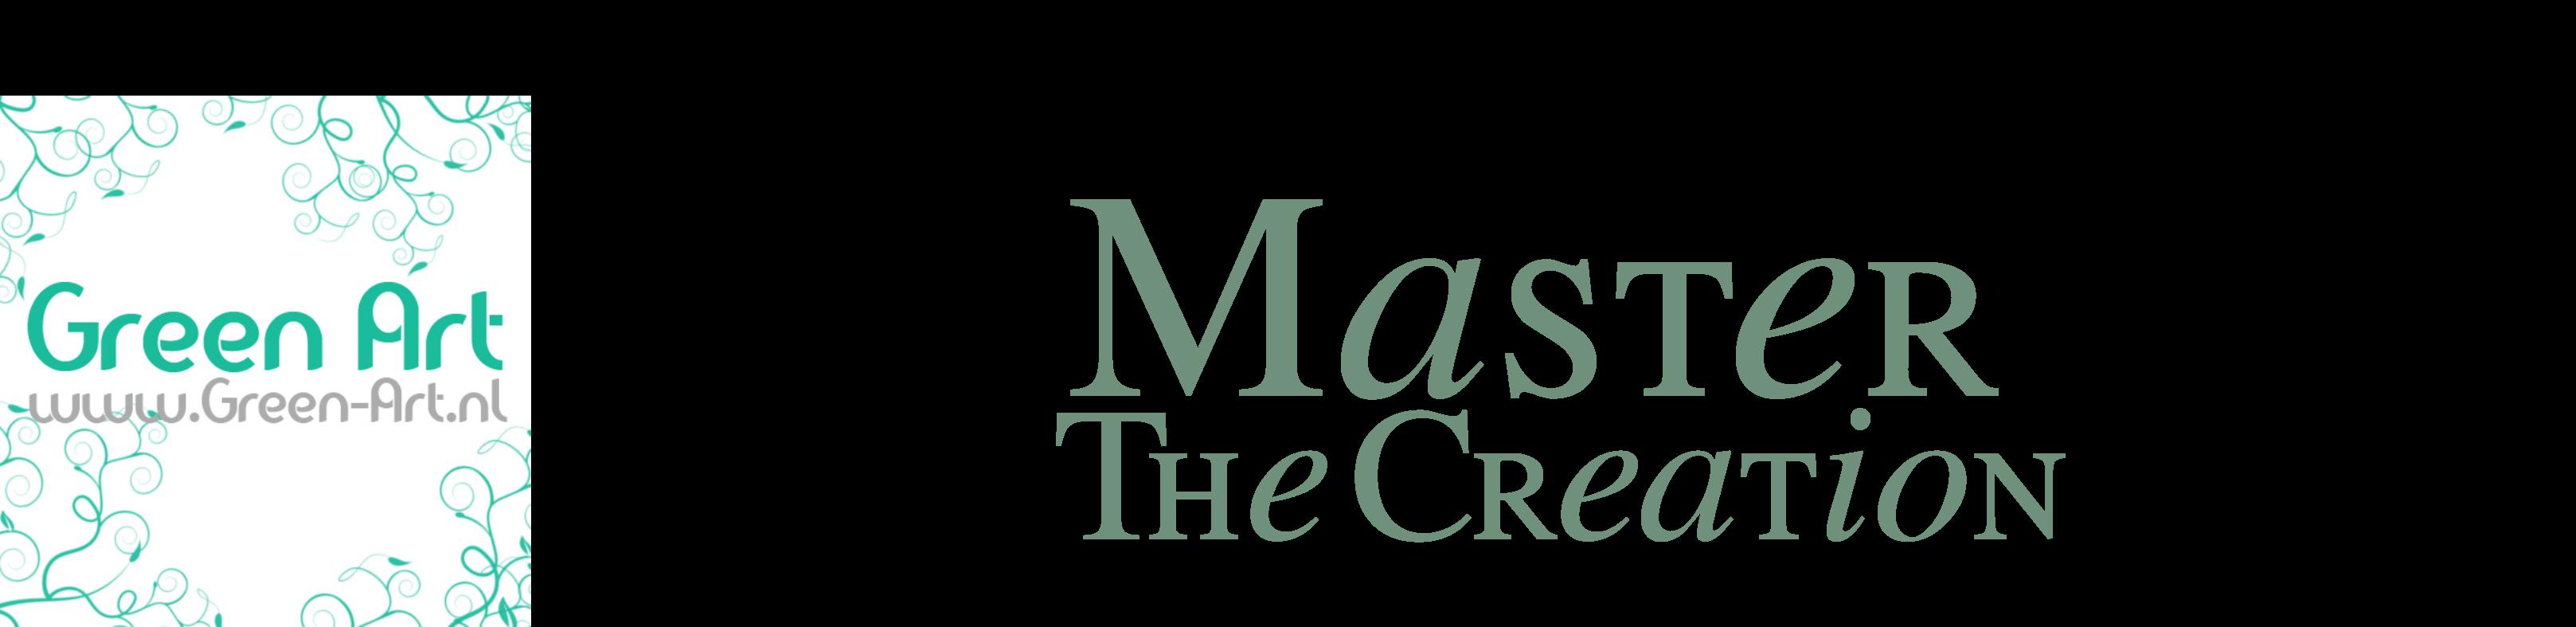 De winnaars zijn bekend van de eerste Give way van Master the Creation